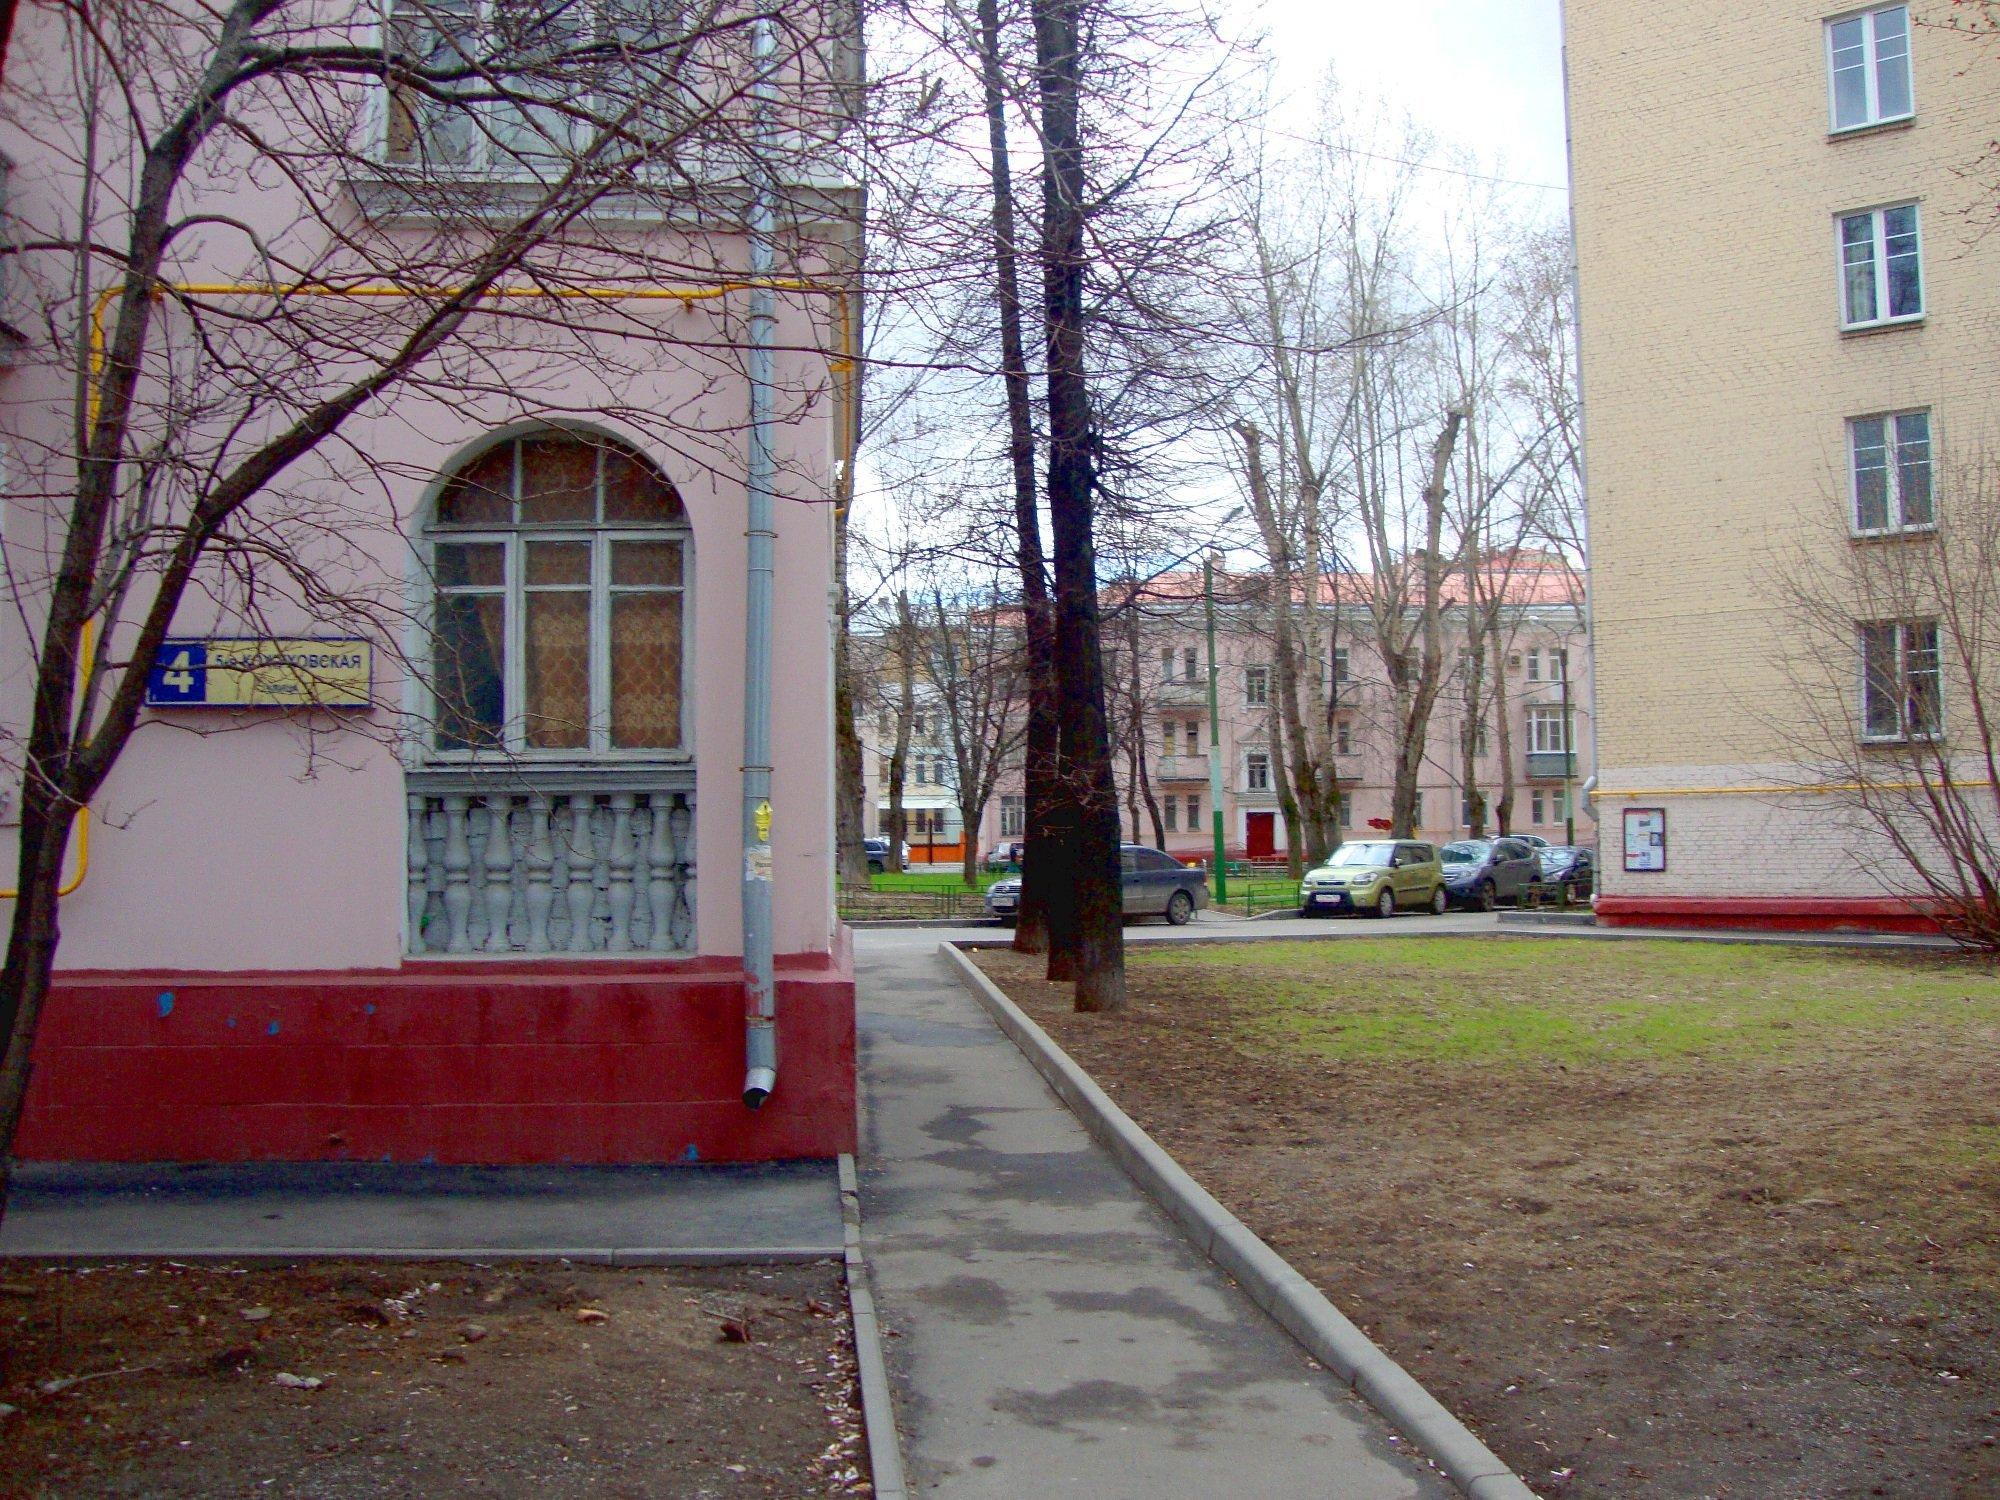 Какие дома встиле конструктивизма и храм попали в столице России под реновацию